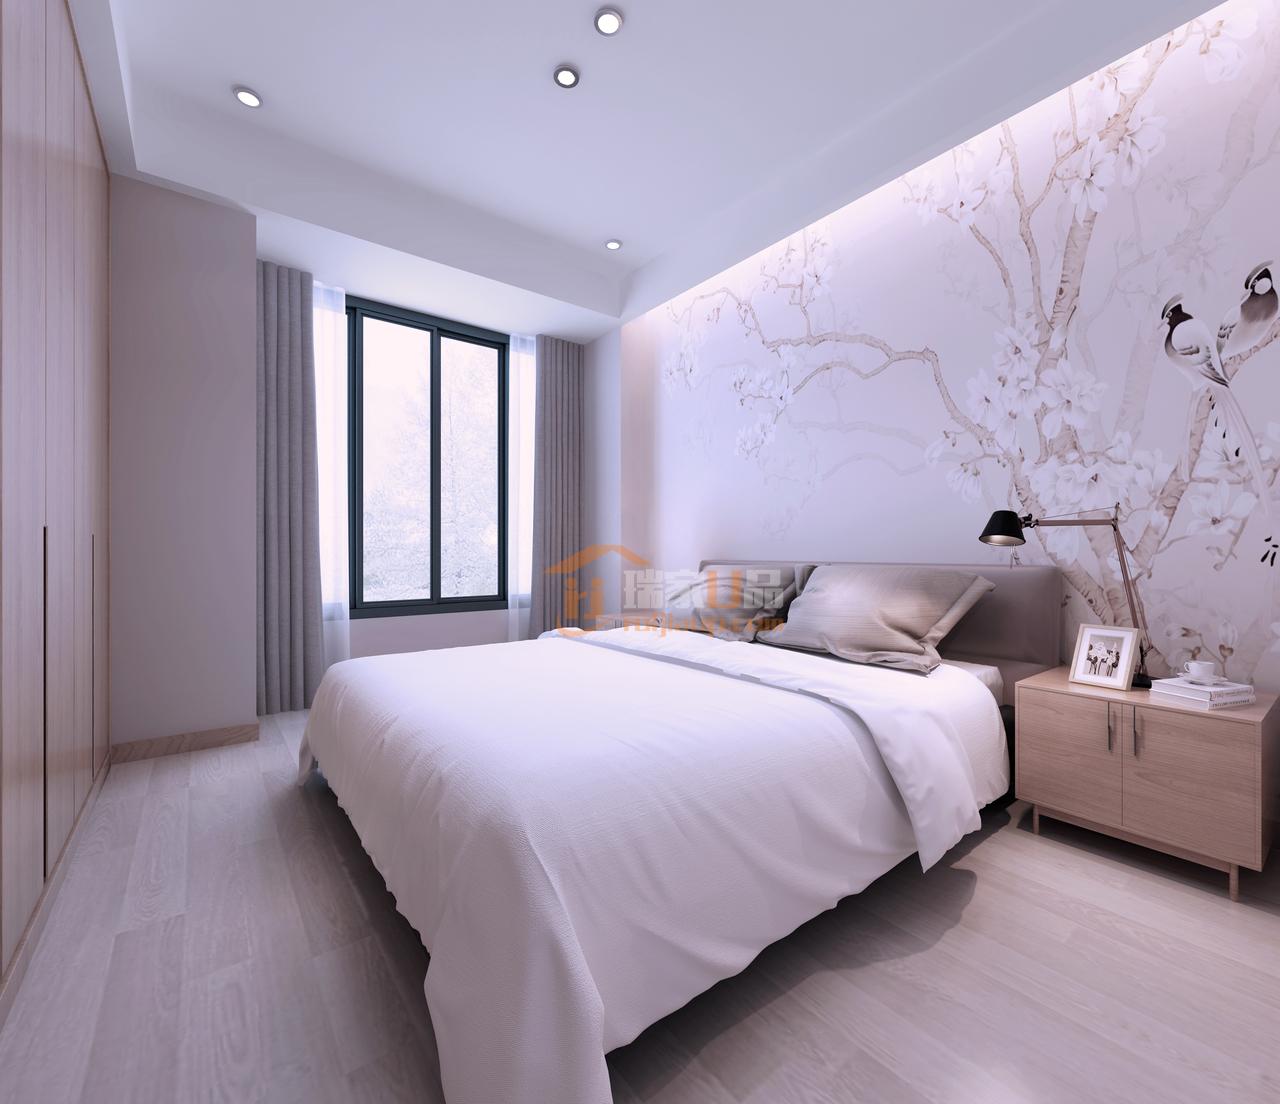 精致的桃花床头背景,以及灯光的巧妙设计,显得整个卧室都很温馨。